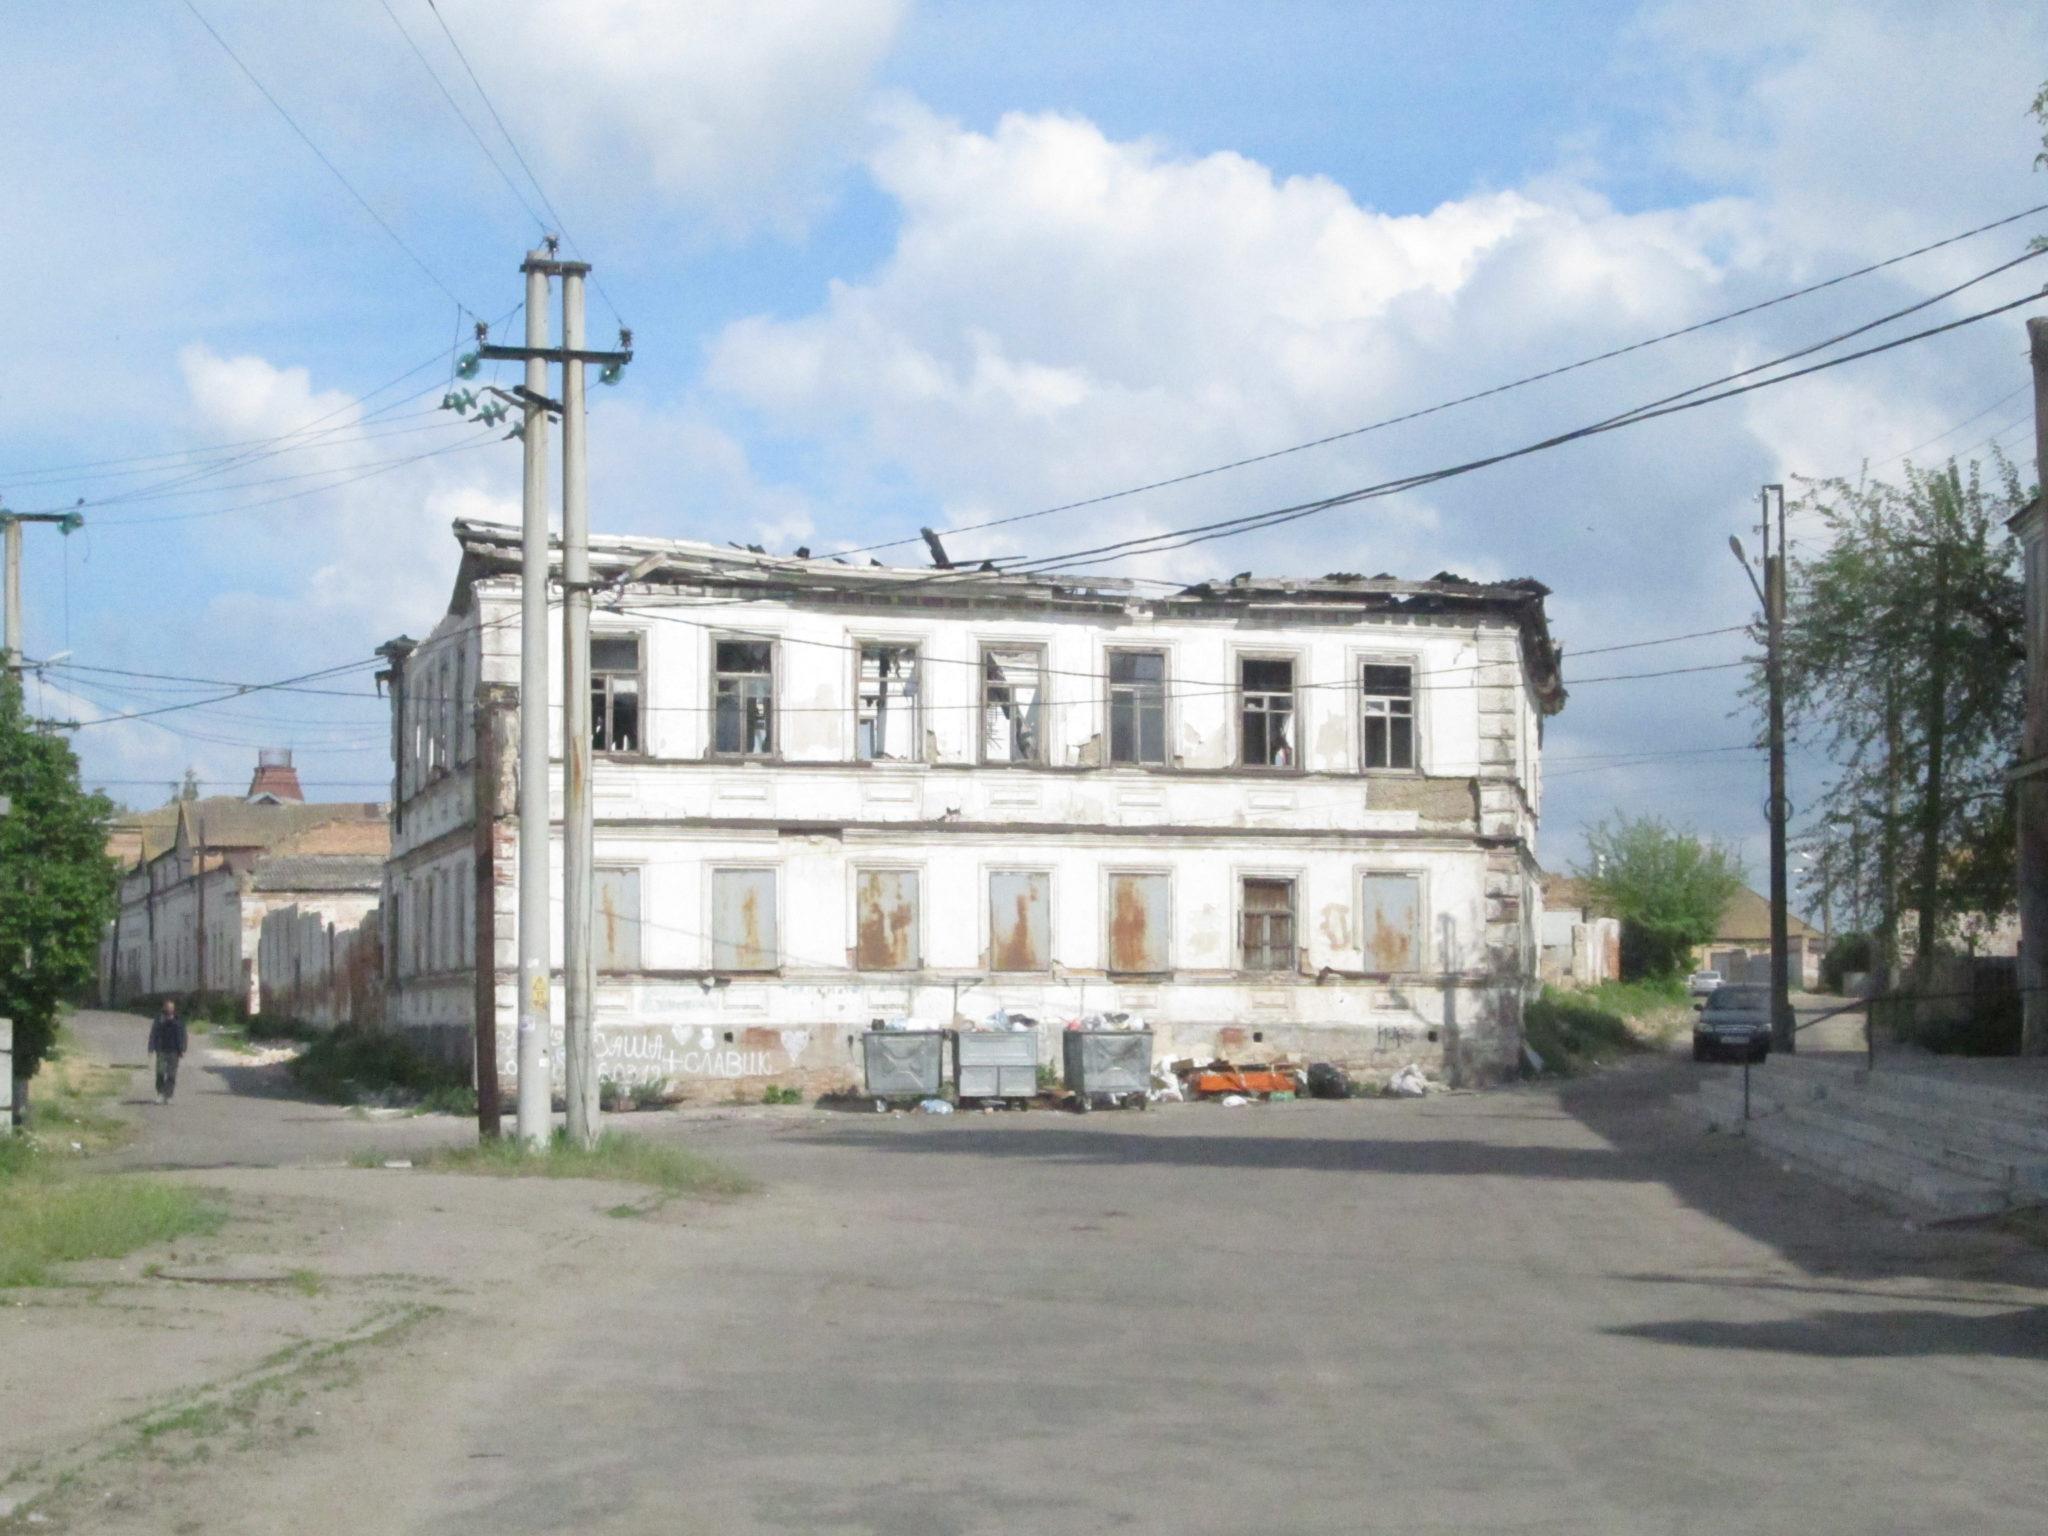 Как мы продолжаем терять старую часть города —  переулок Телеграфный.